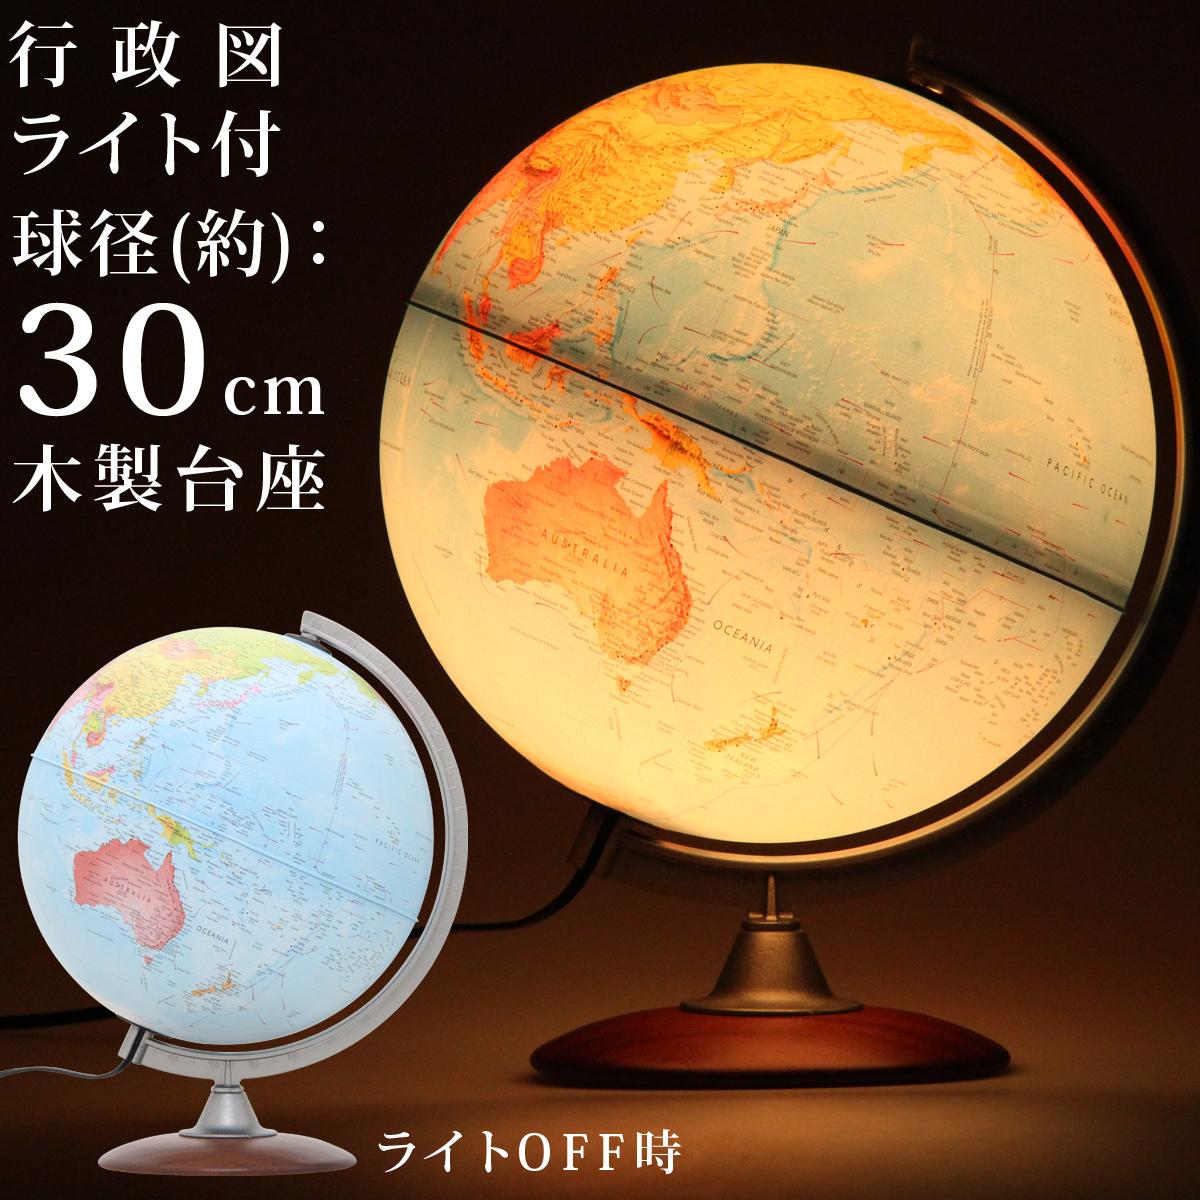 地球儀 ライト付き イタリア製 ライト付き 子供用 学習 インテリア 行政図 カラーラ30L 行政図 球径30cm イタリア製, 全国うんまいもん倶楽部:de68d3ce --- sunward.msk.ru